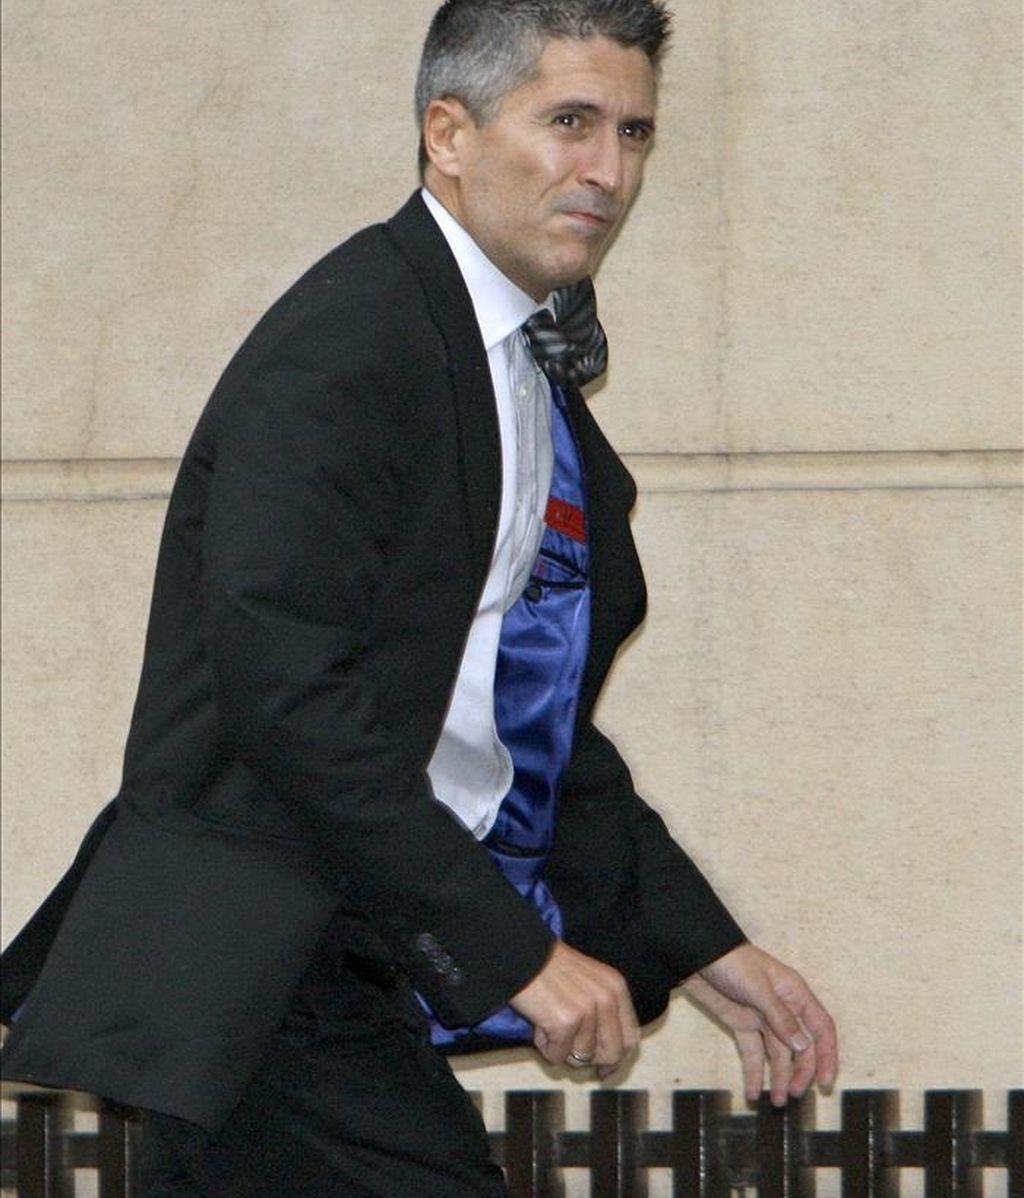 El juez Fernando Grande-Marlaska. EFE/Archivo